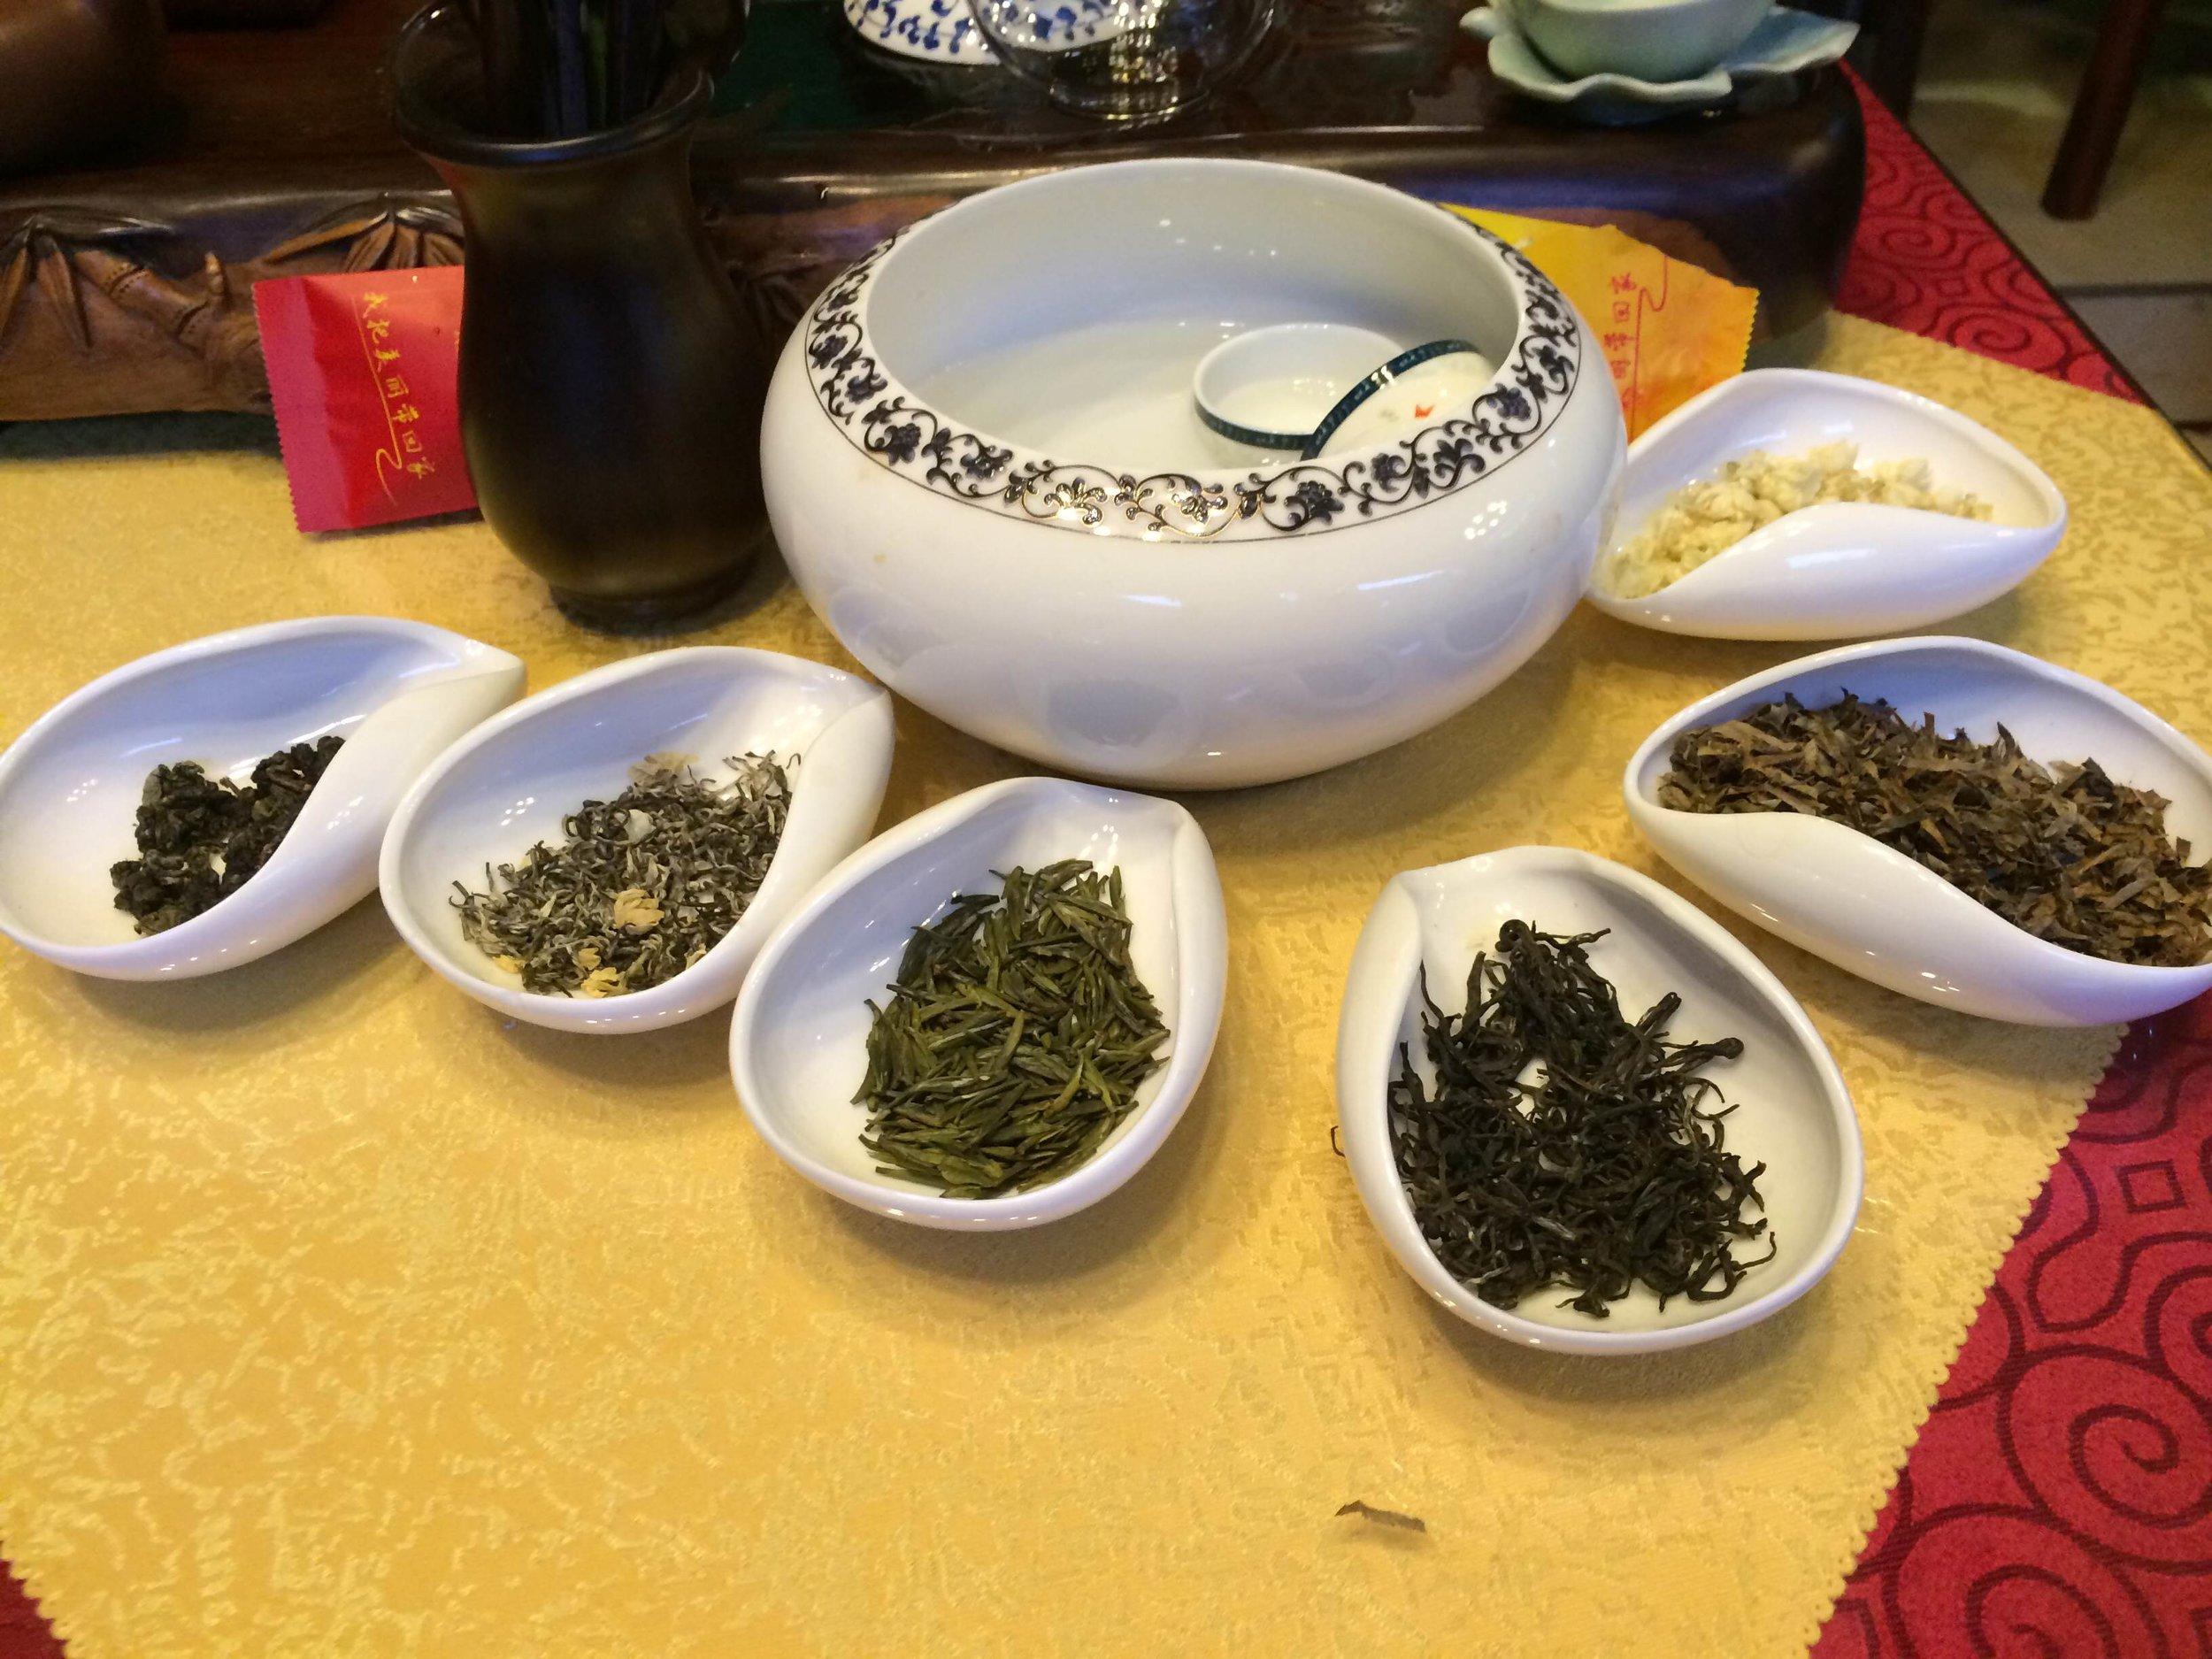 أنواع الشاي والتي اتيحت لي فرصة تجربتها